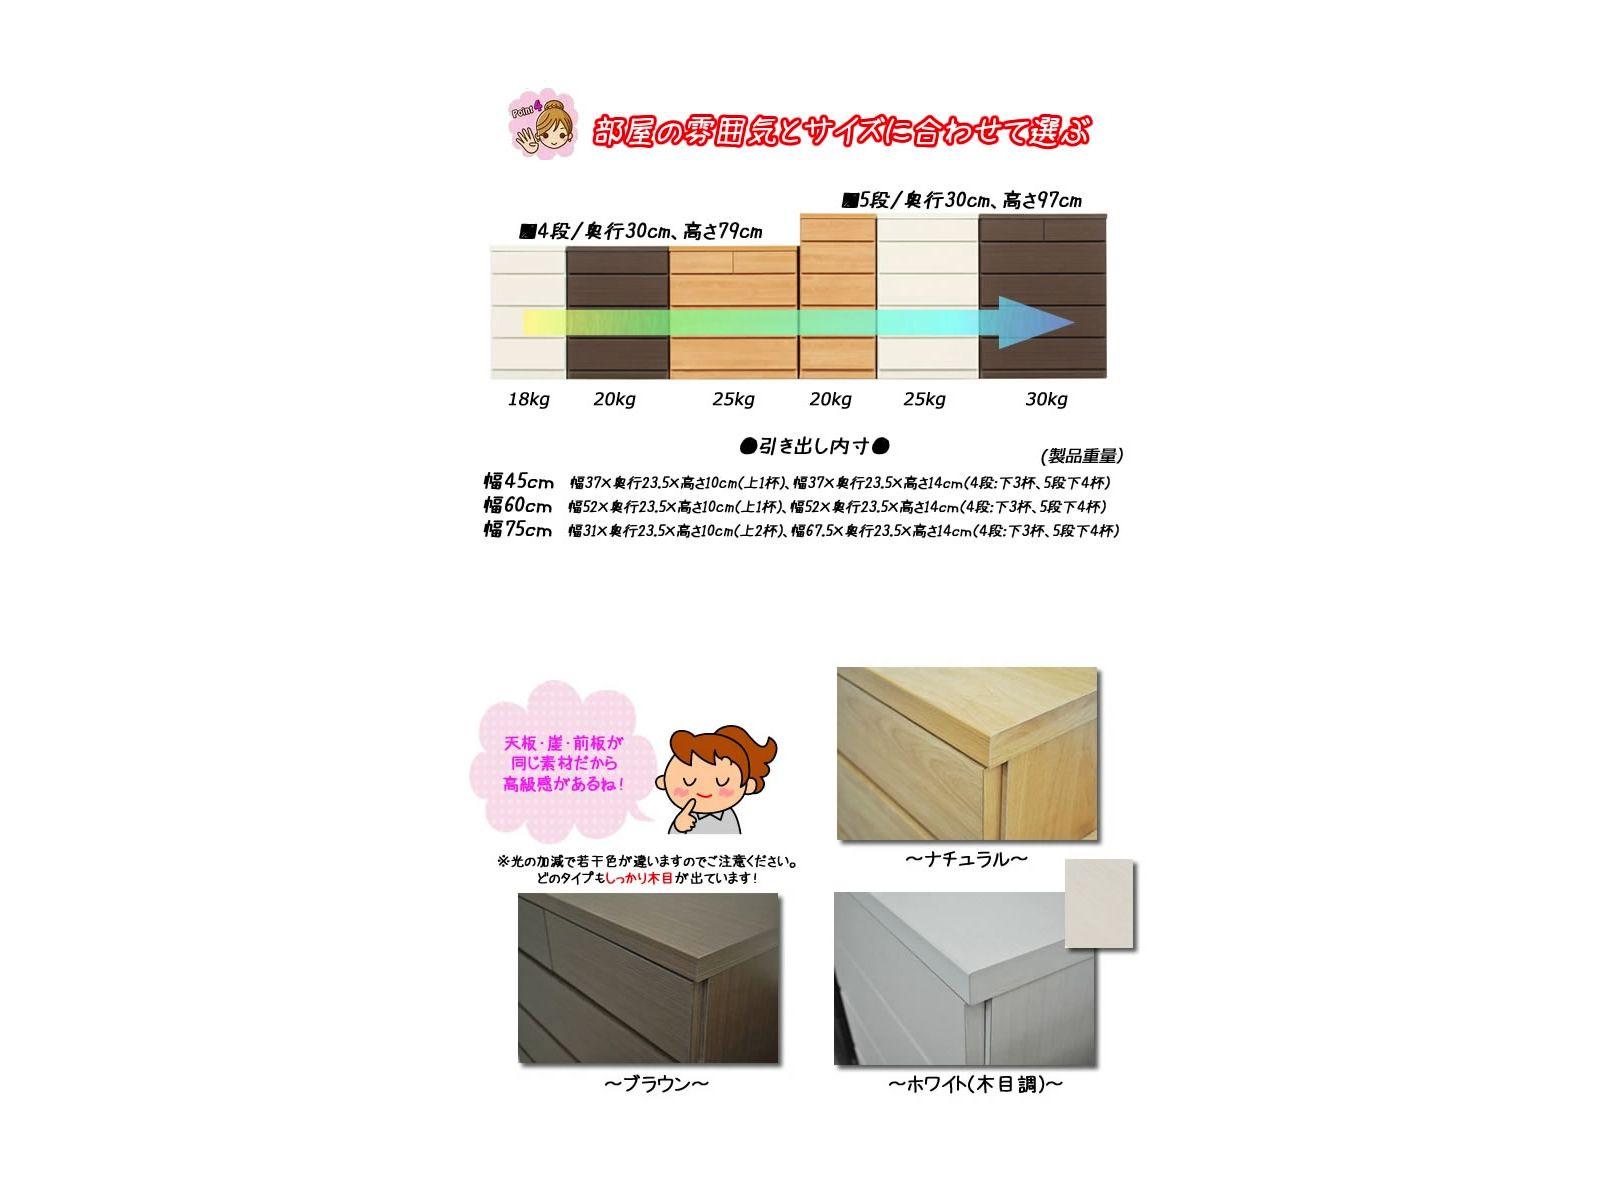 薄型チェスト(奥行30cm) ベンチチェスト 60cm幅2段タイプ(3色対応)